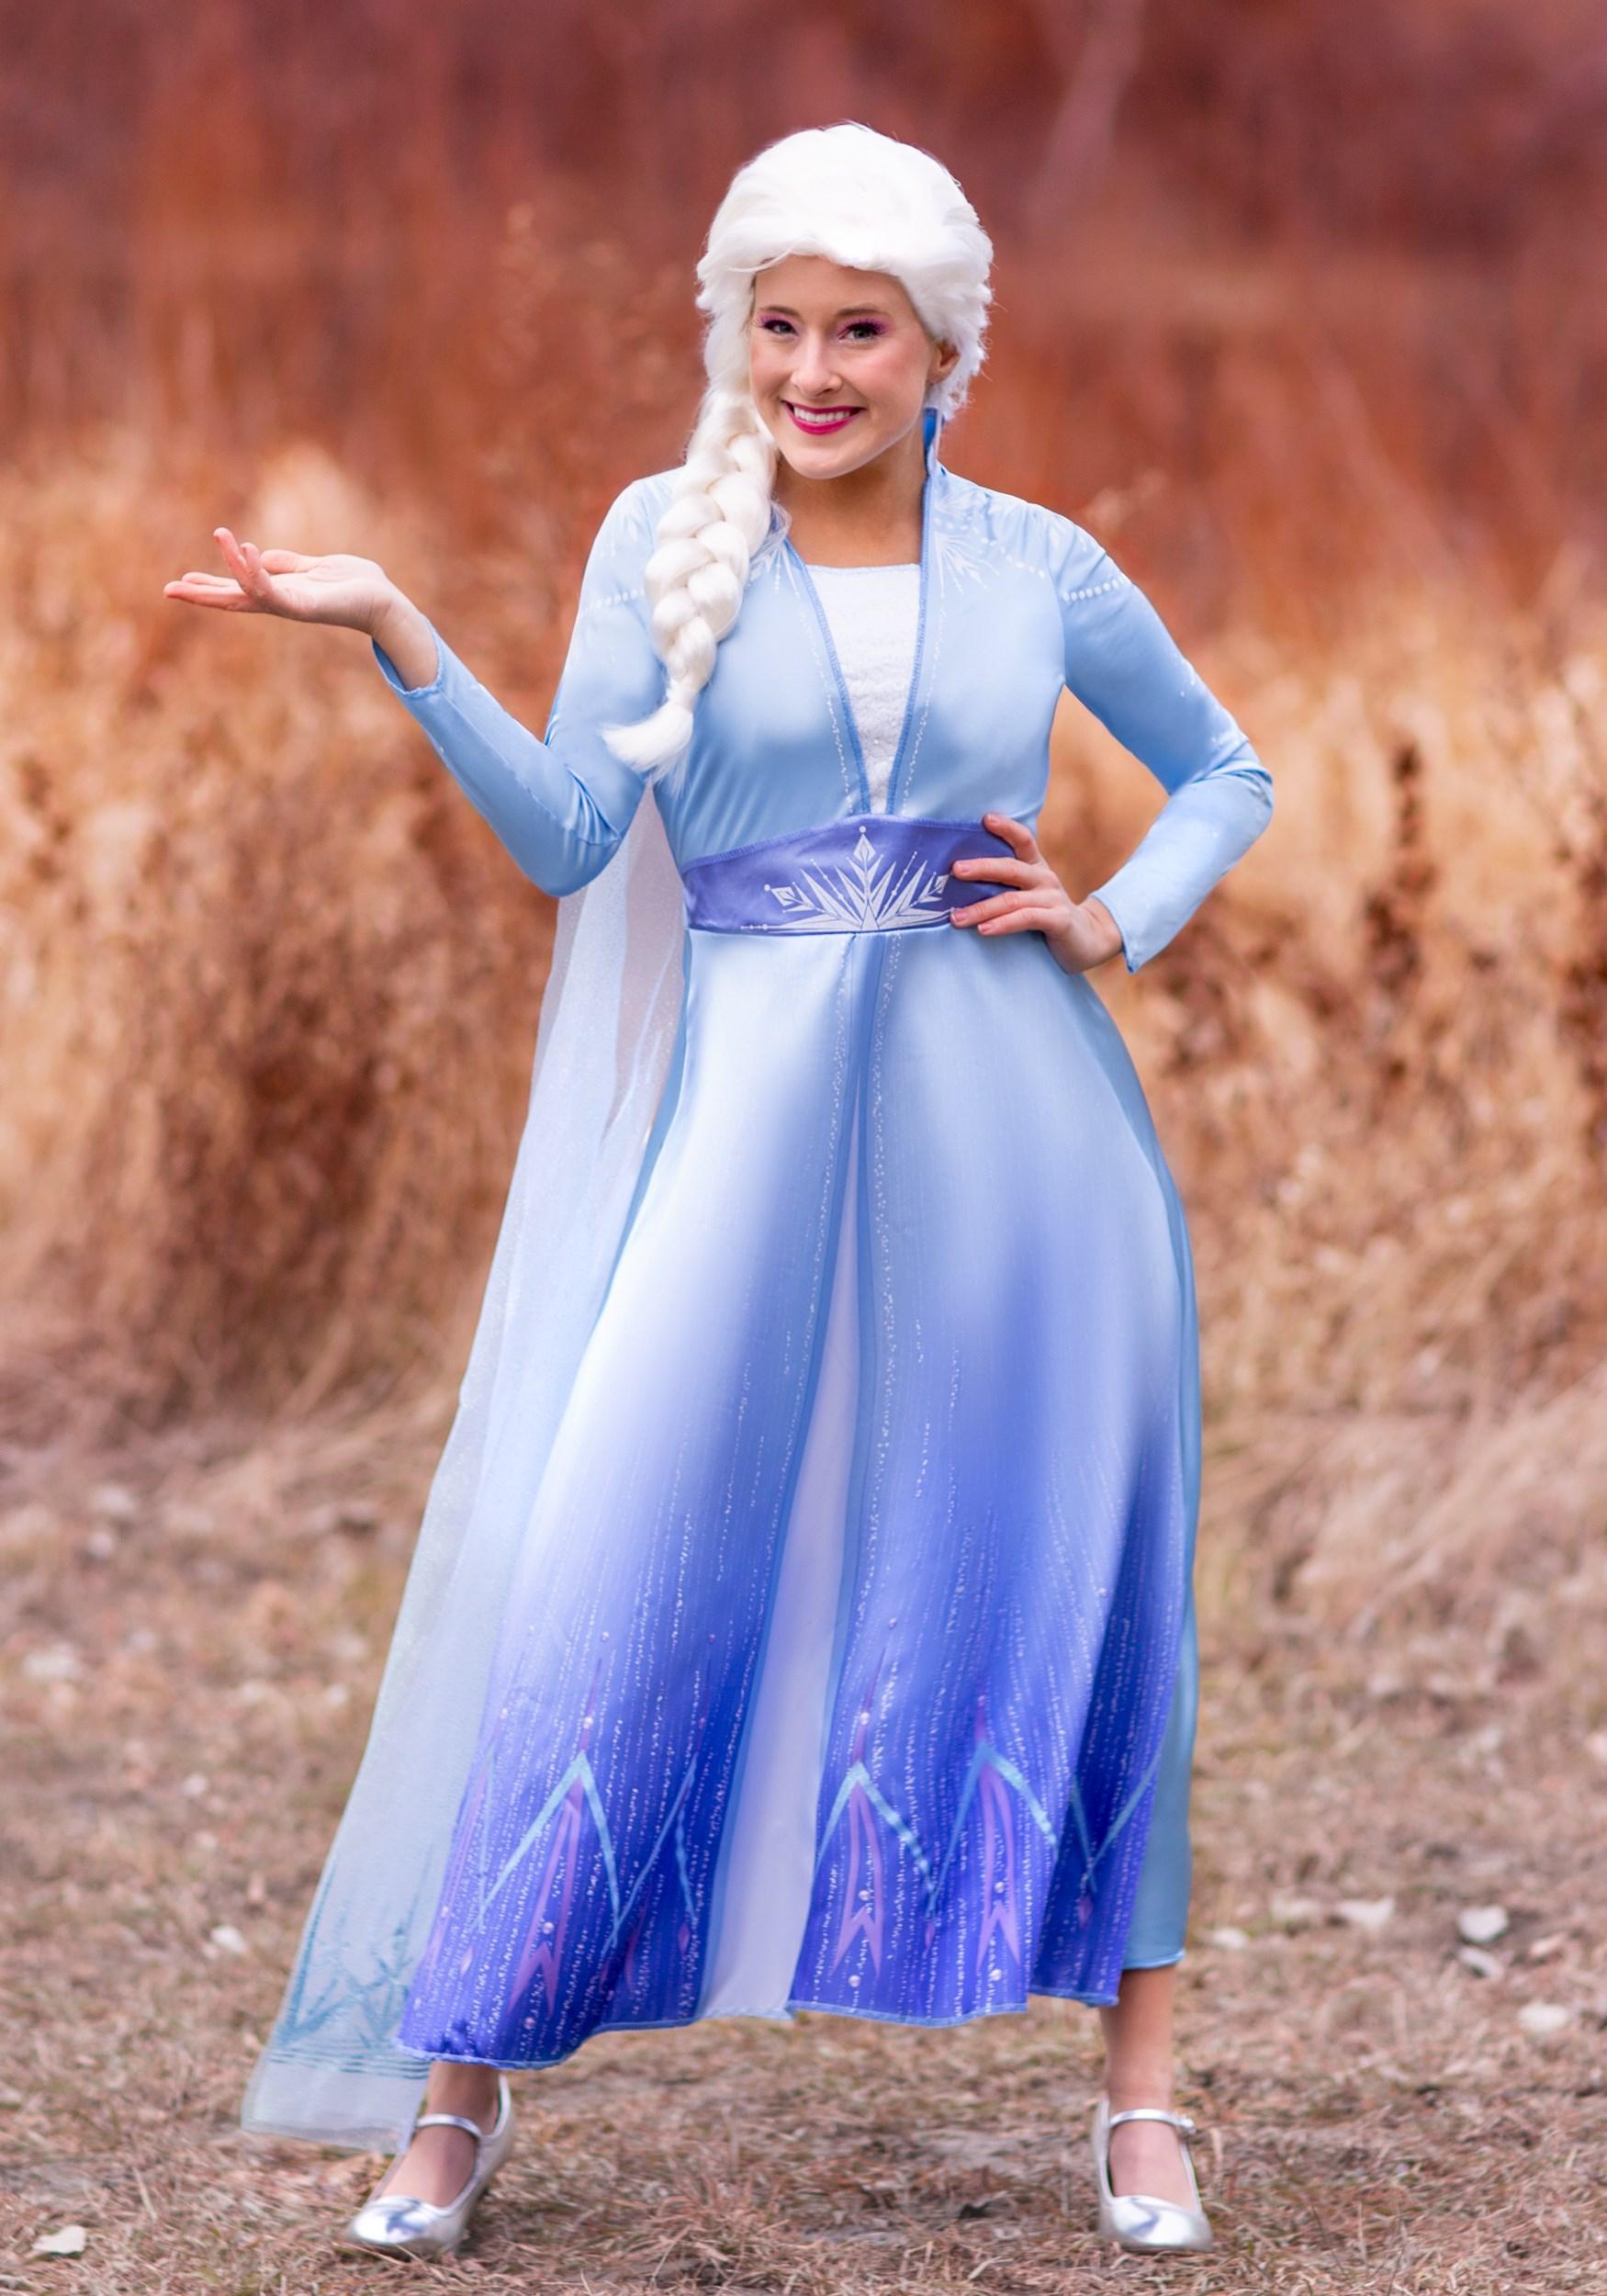 Deluxe Frozen 2 Elsa Costume for Women | Elsa Cosplay Costume